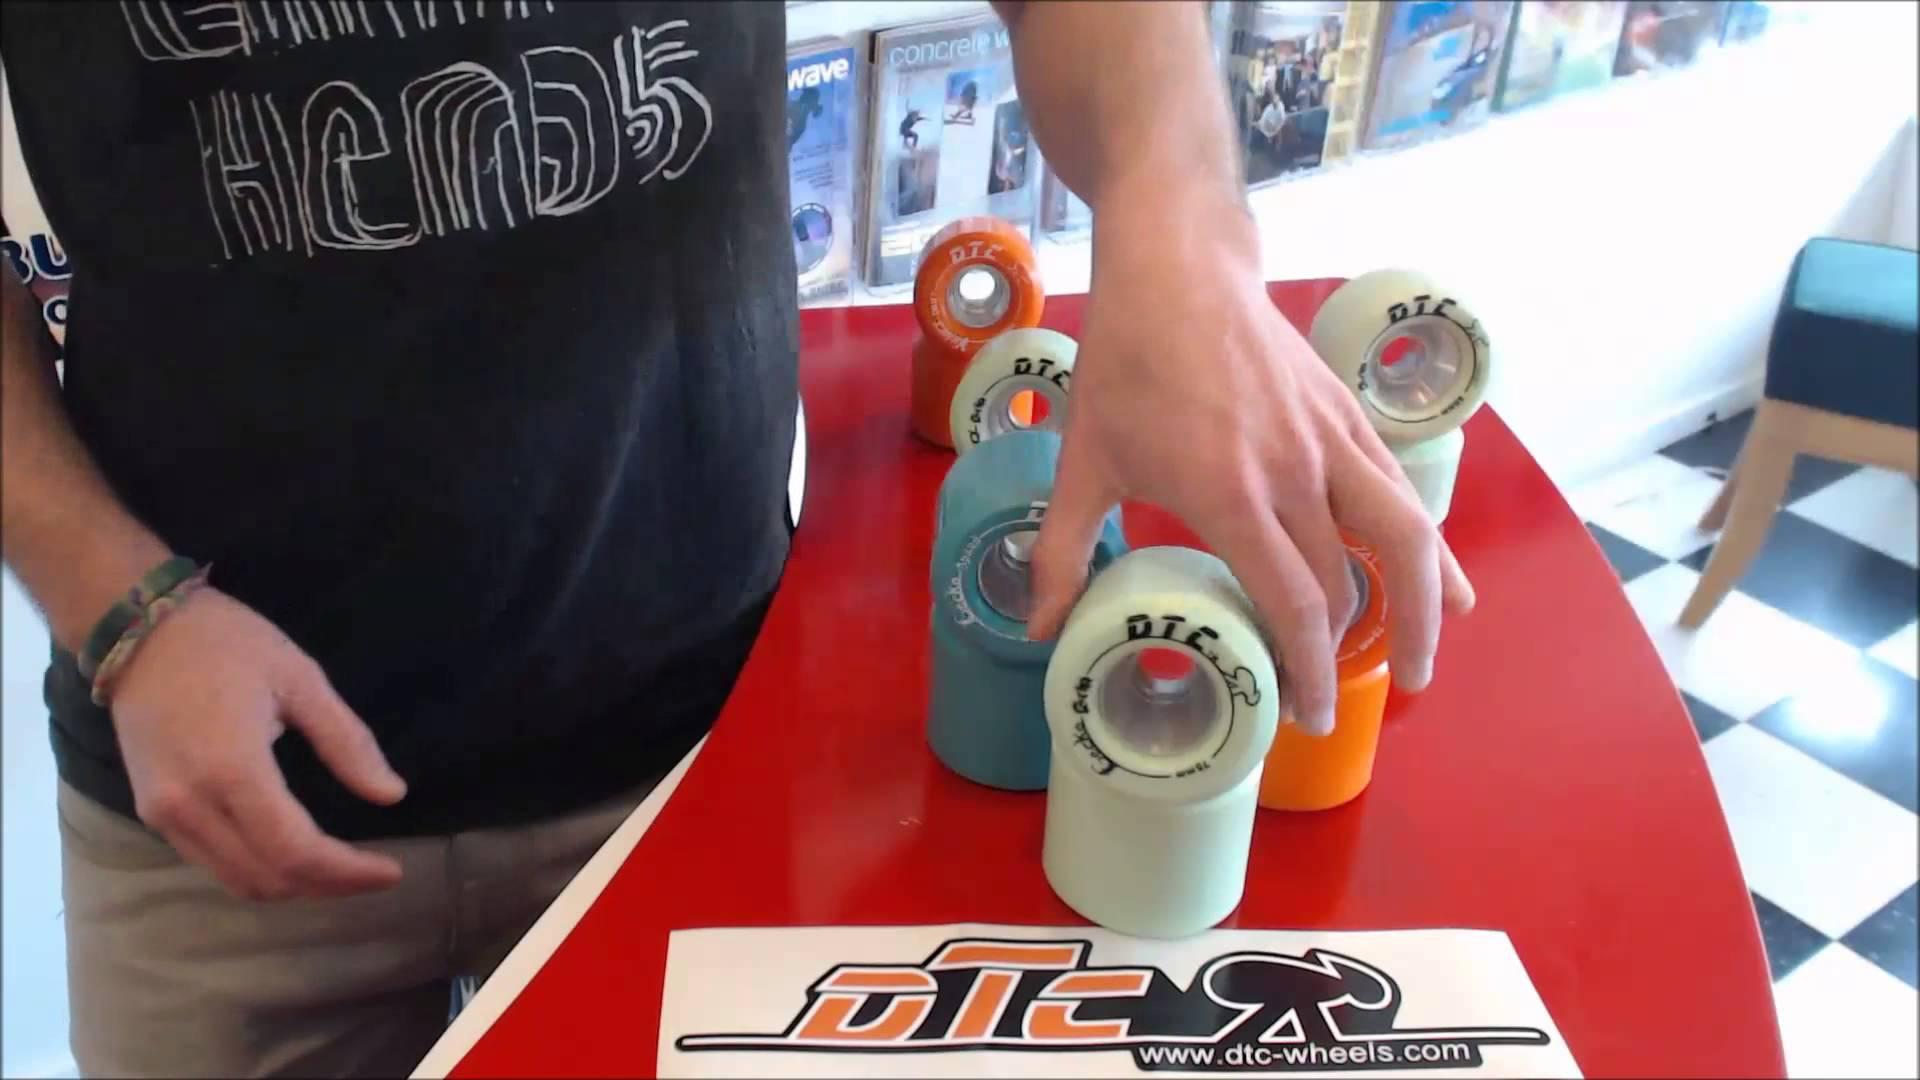 DTC-Wheels-Longboarder-Labs-Vancouver-Longboard-Shop